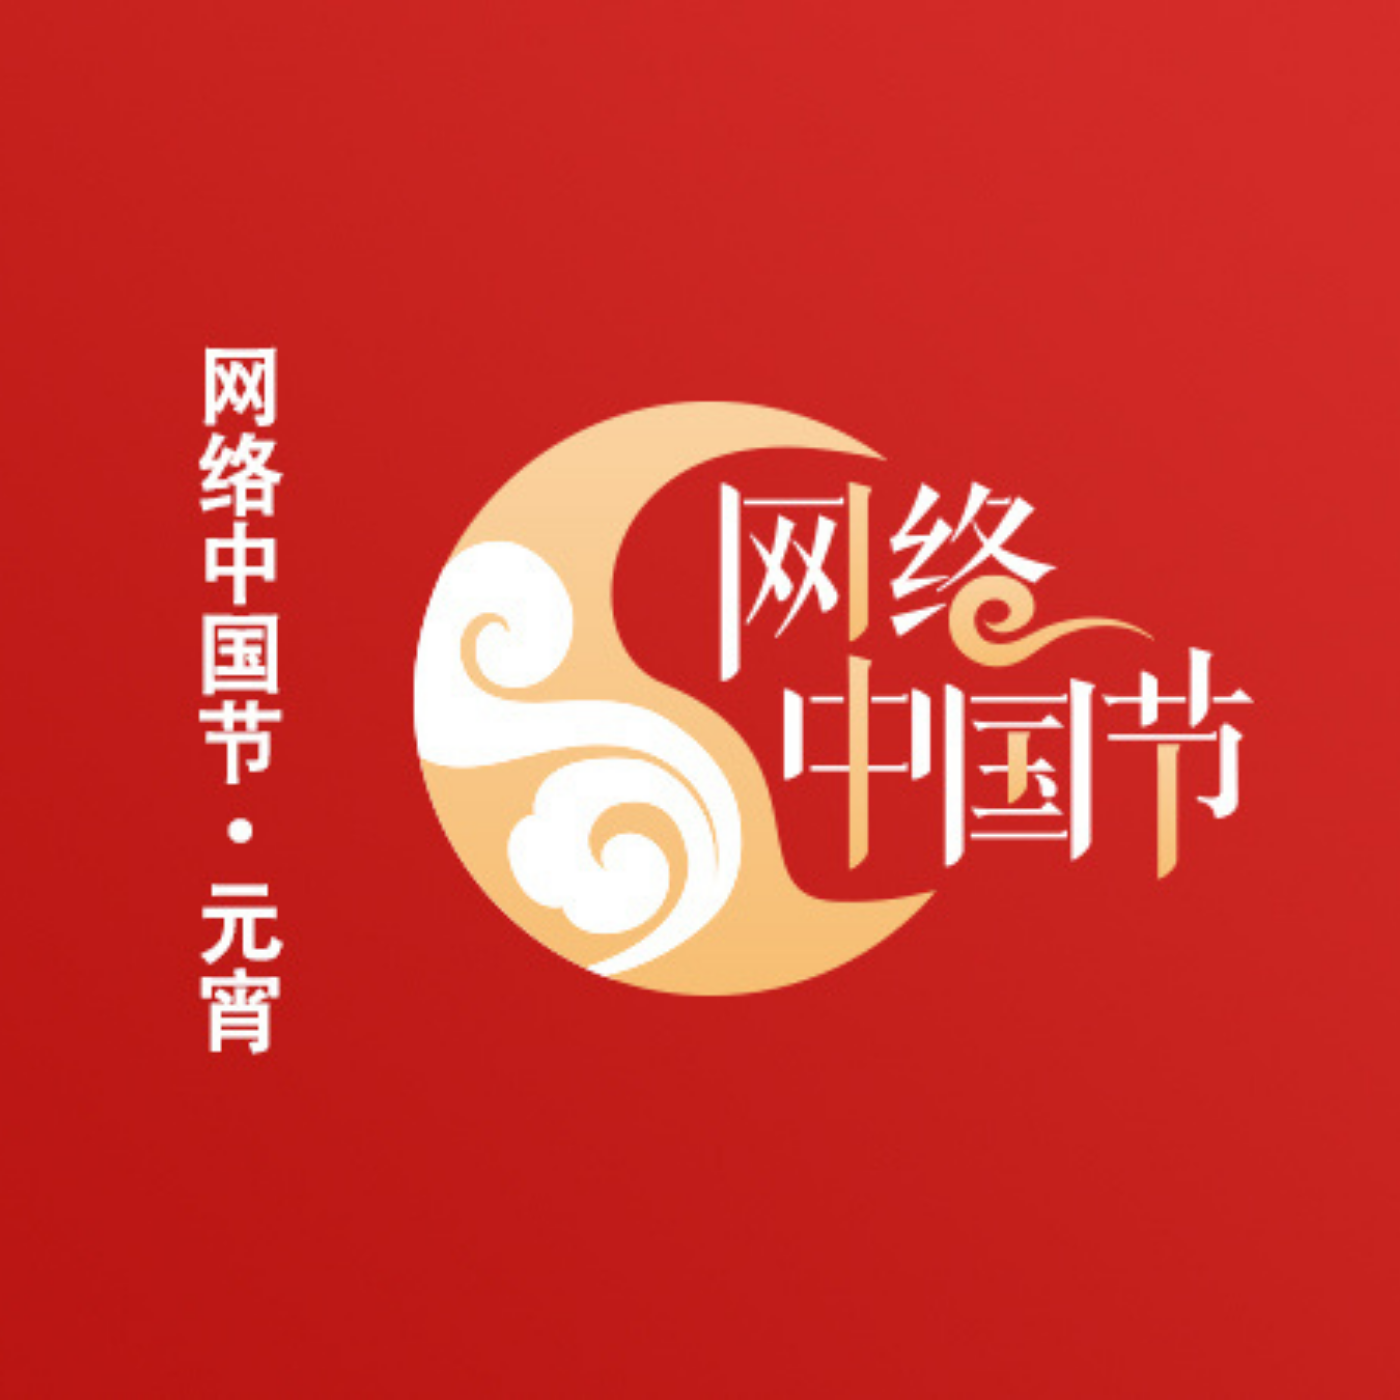 网络中国节·元宵